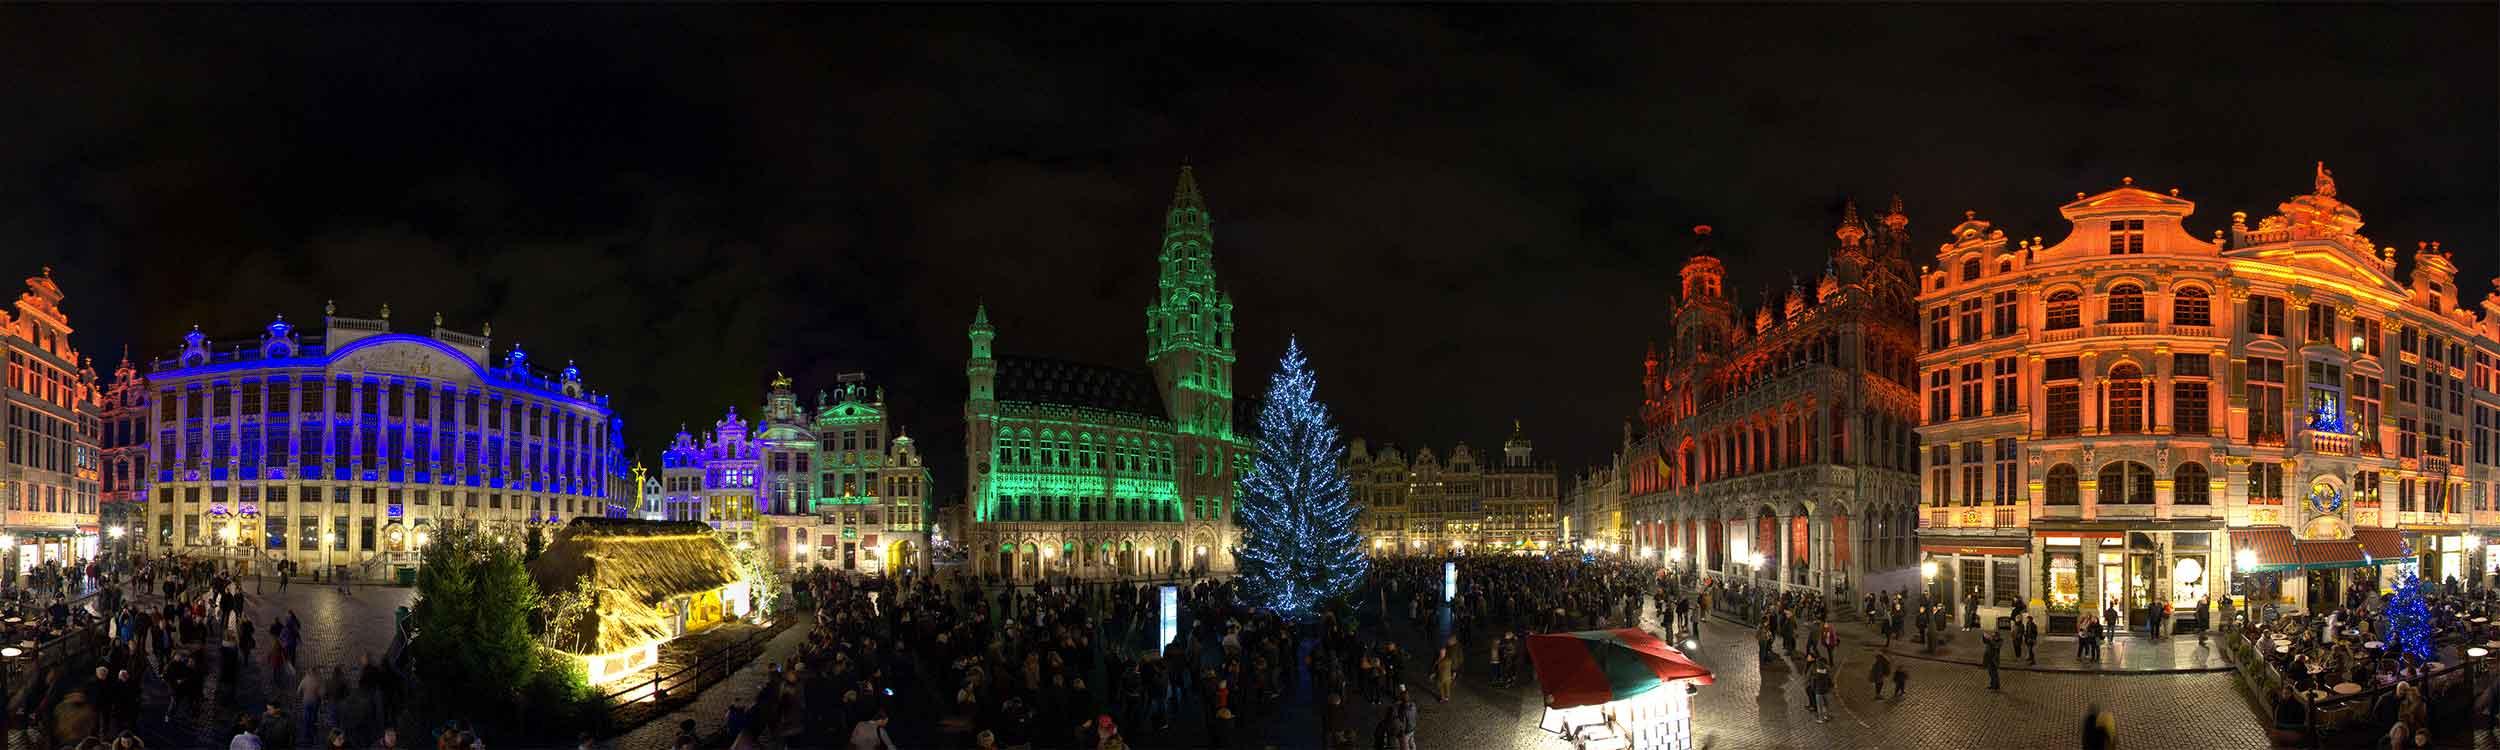 Grand place Bruxelles visite virtuelle nouvel an 360